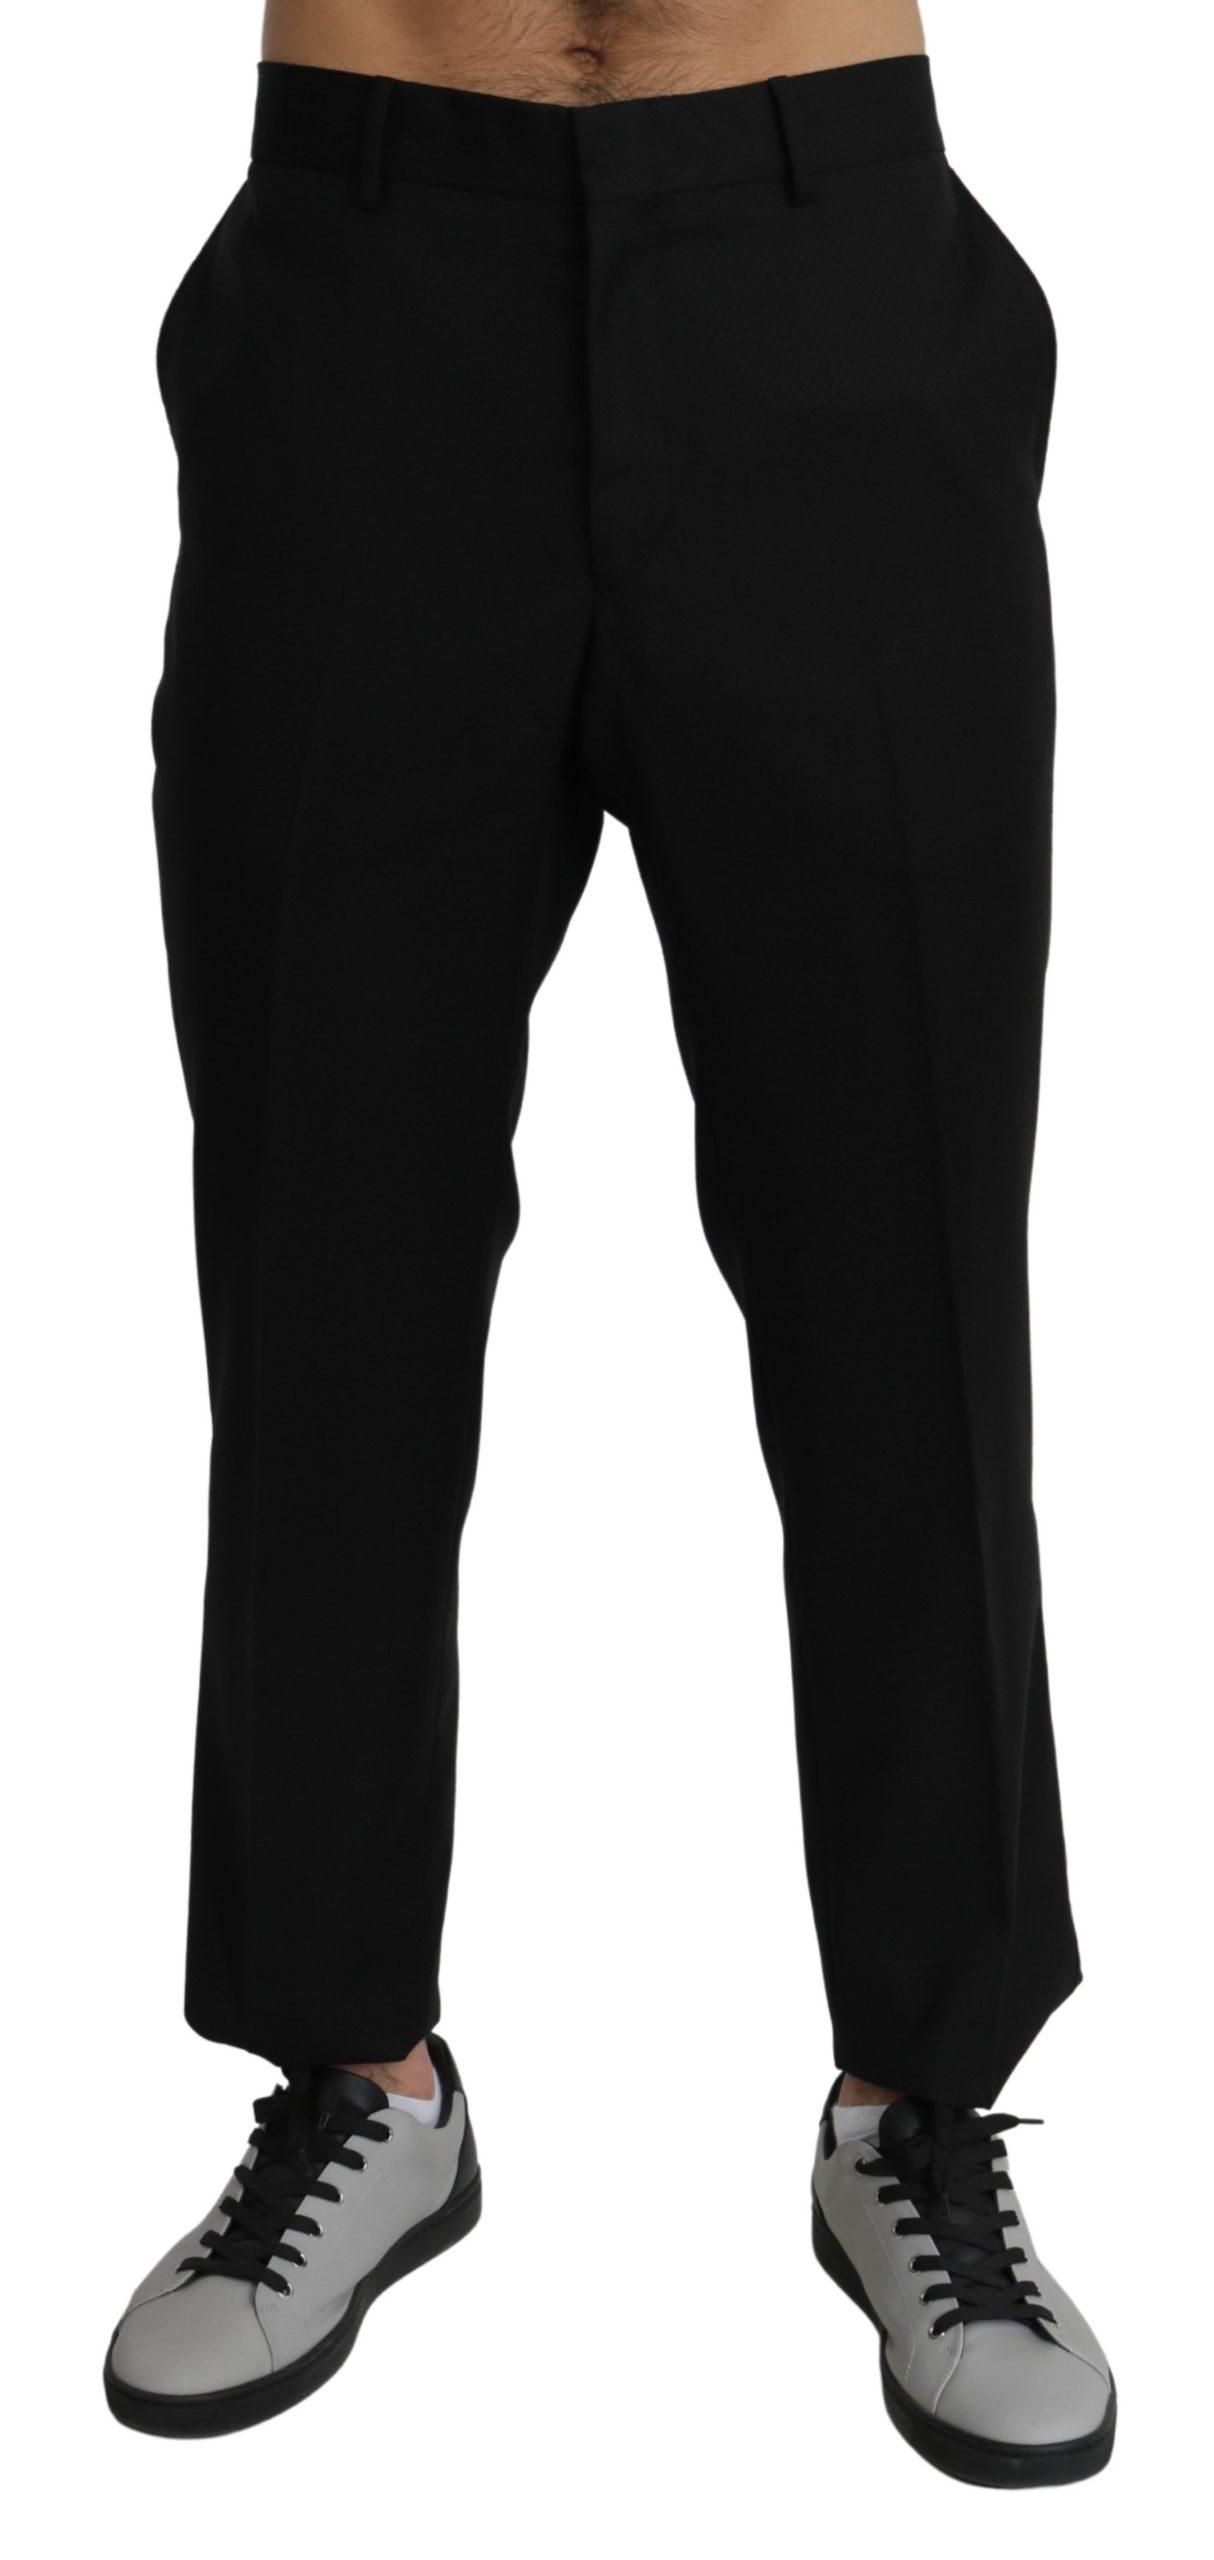 Dolce & Gabbana Men's Cotton Wool Formal Dress Trouser Black PAN71277 - IT56   XL